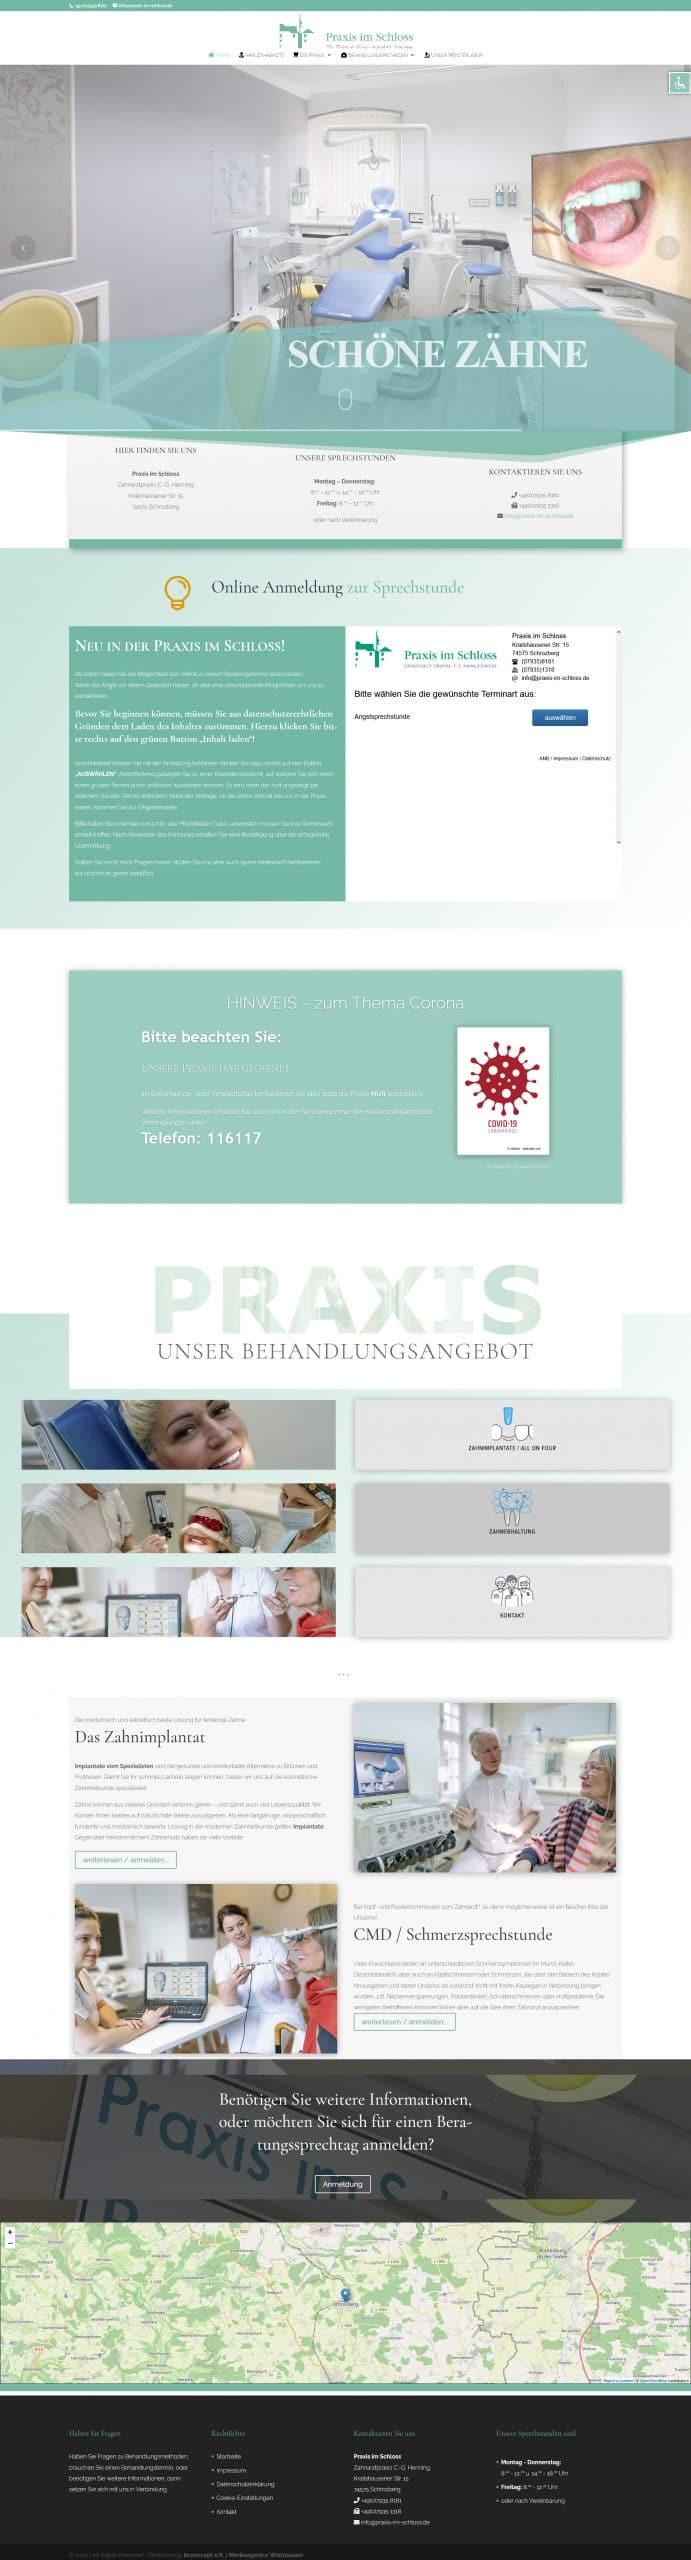 Startseite der Website der Praxis im Schloss in Schrozberg